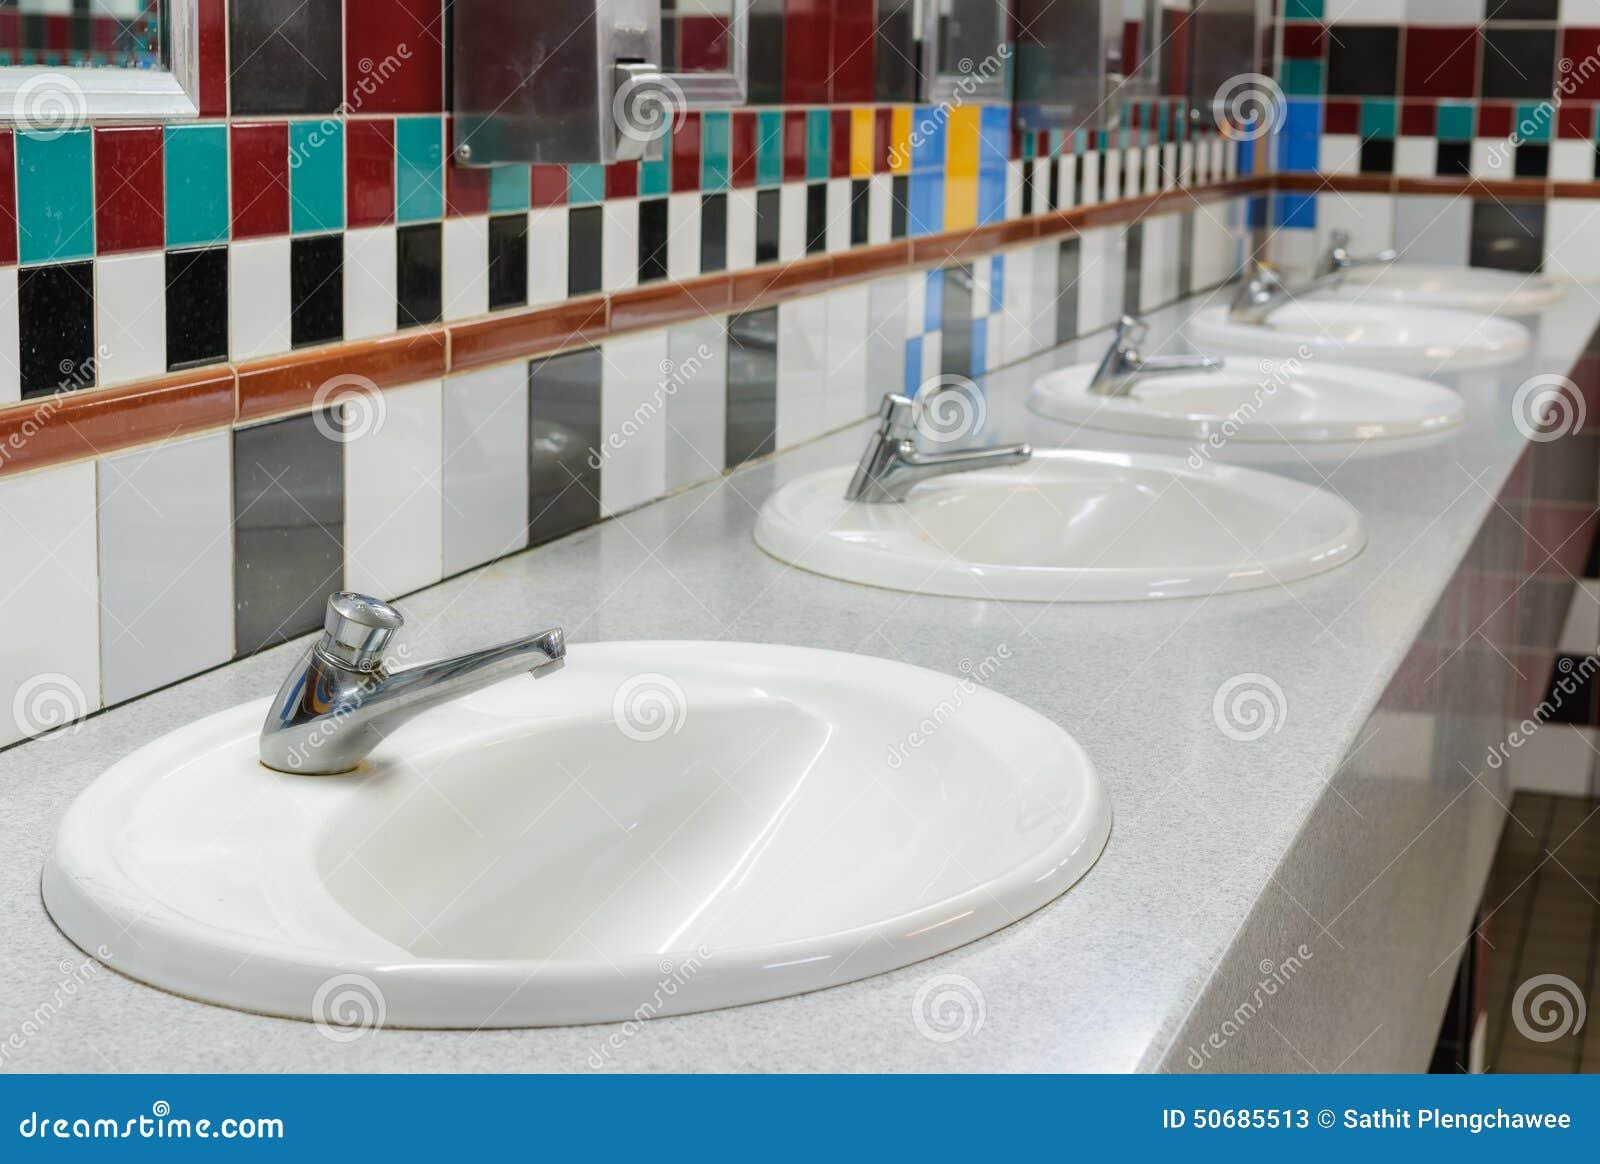 Wasbak In Openbaar Toilet Stock Foto  Afbeelding 50685513 # Ruimte Wasbak_151632